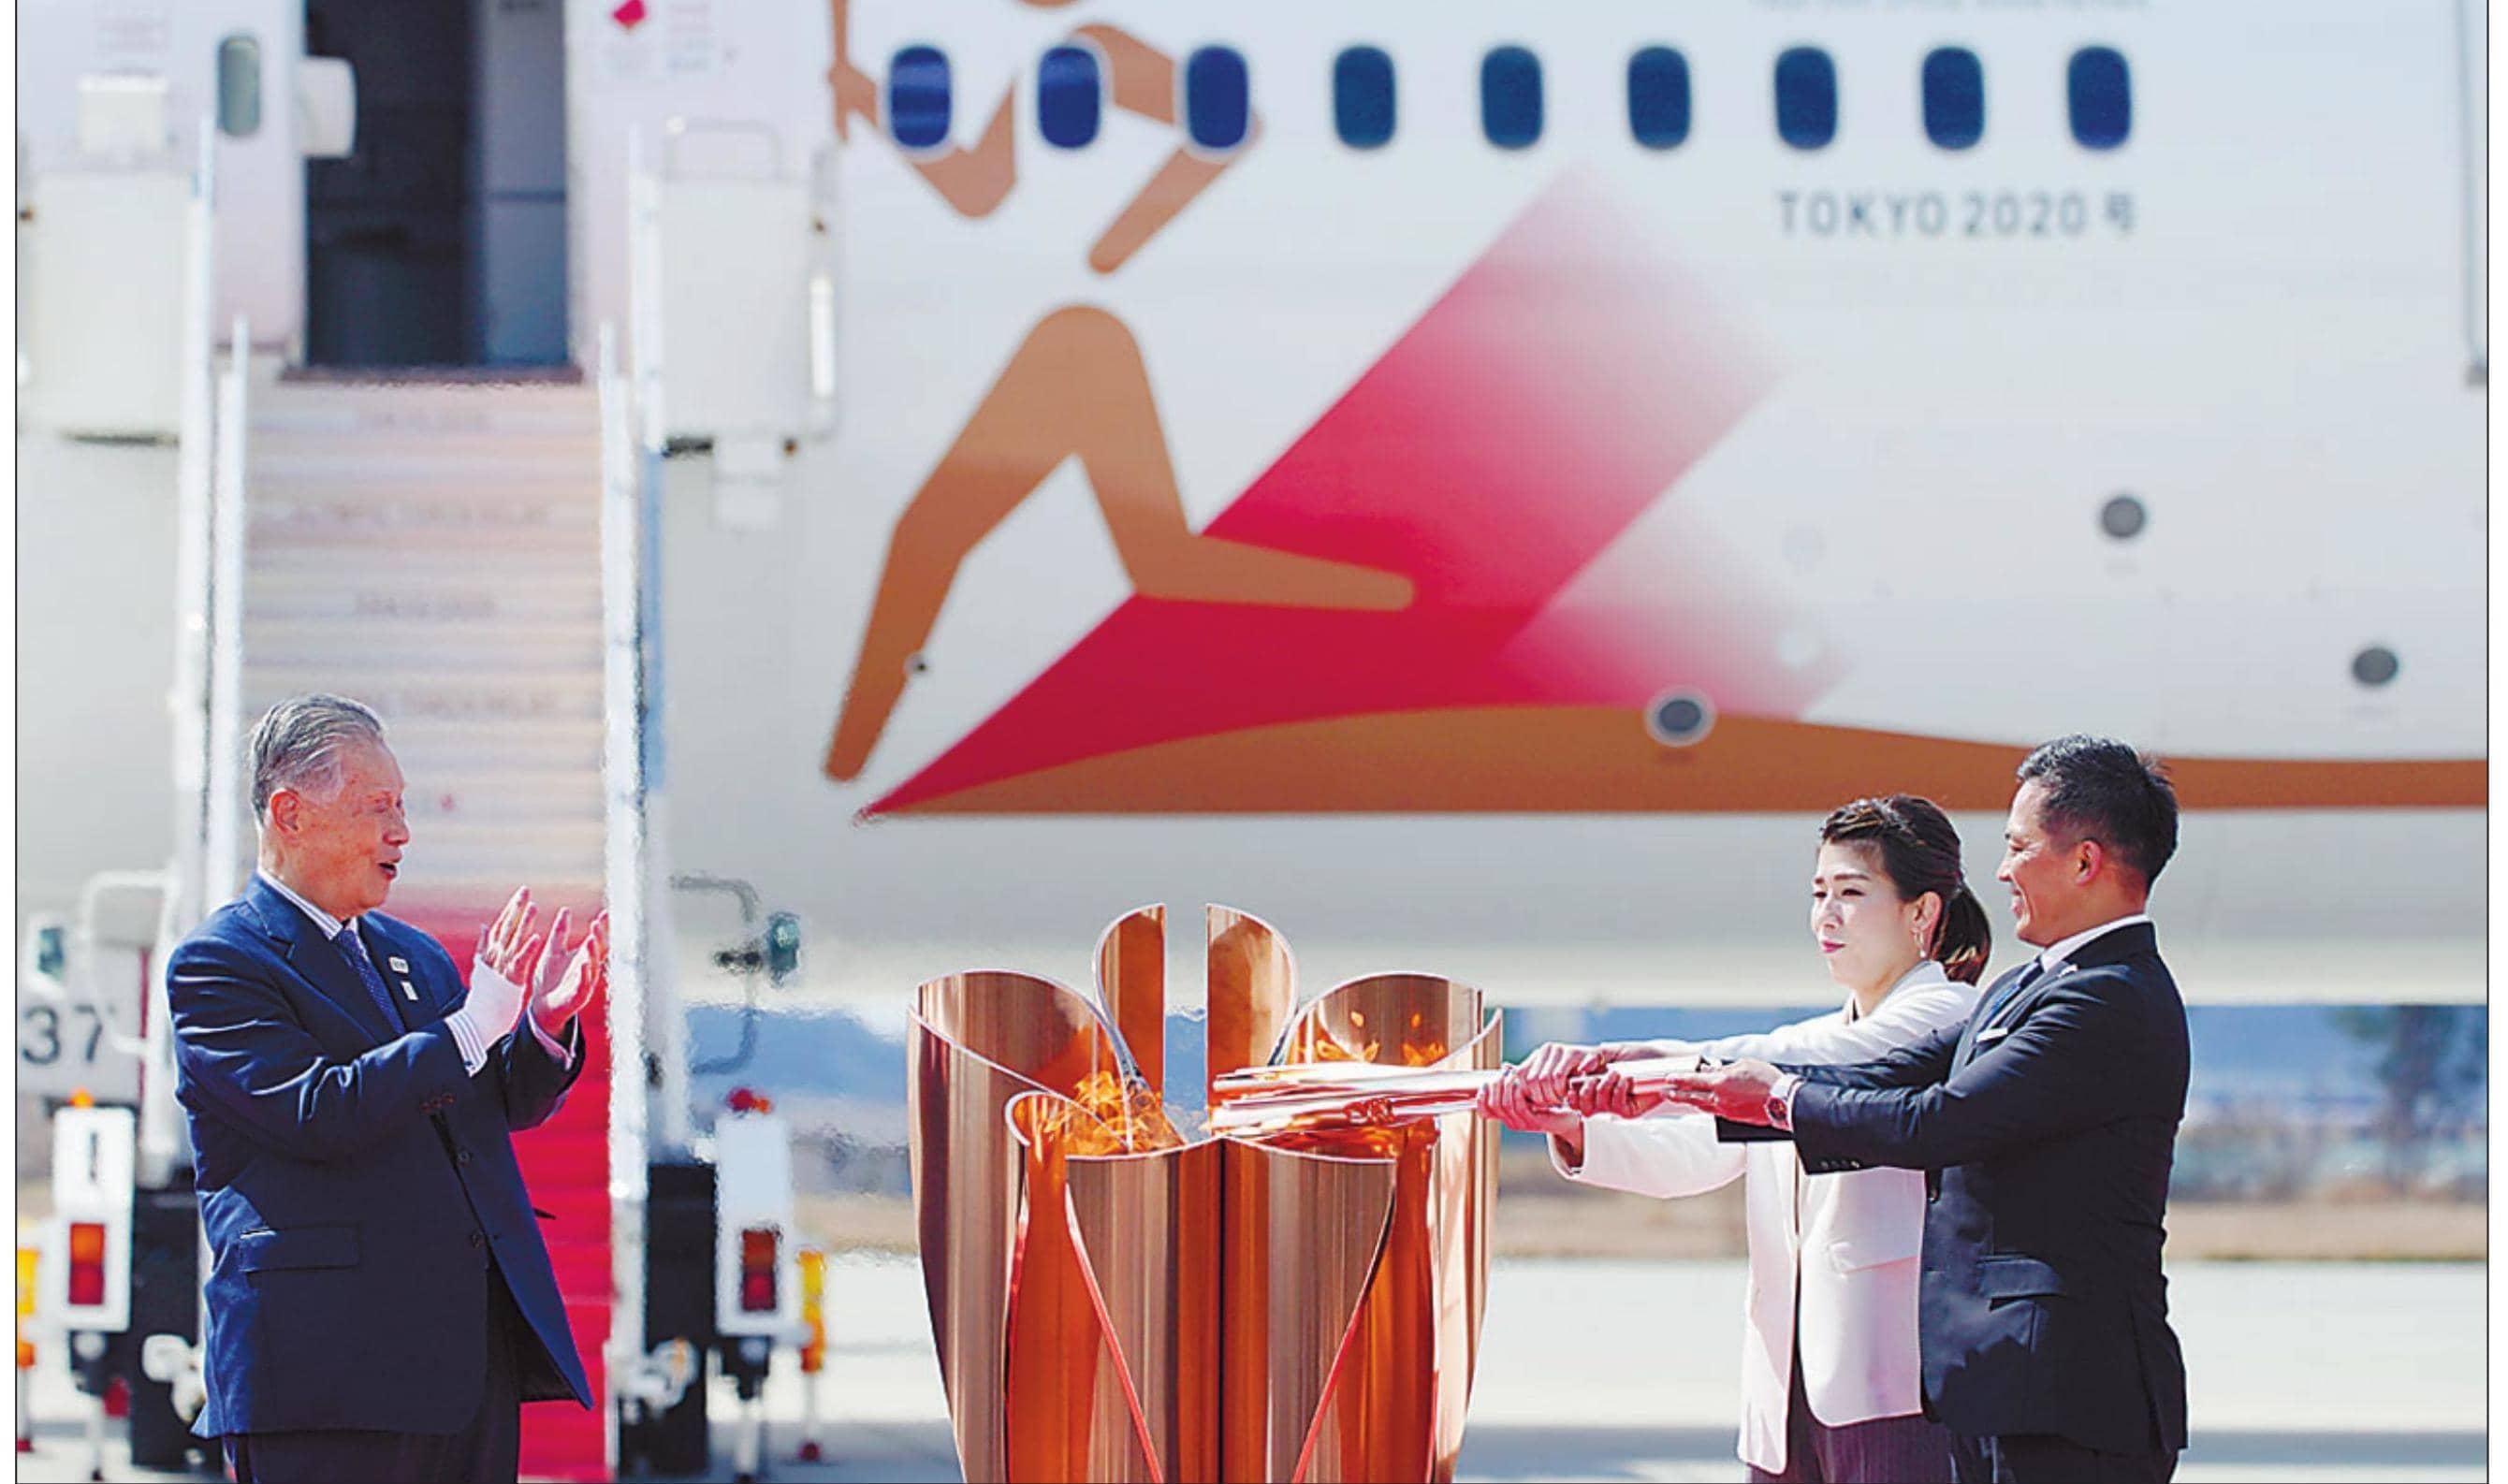 कोरोना केडर के बीच ओलिम्पिक मशाल जापान पहुंची